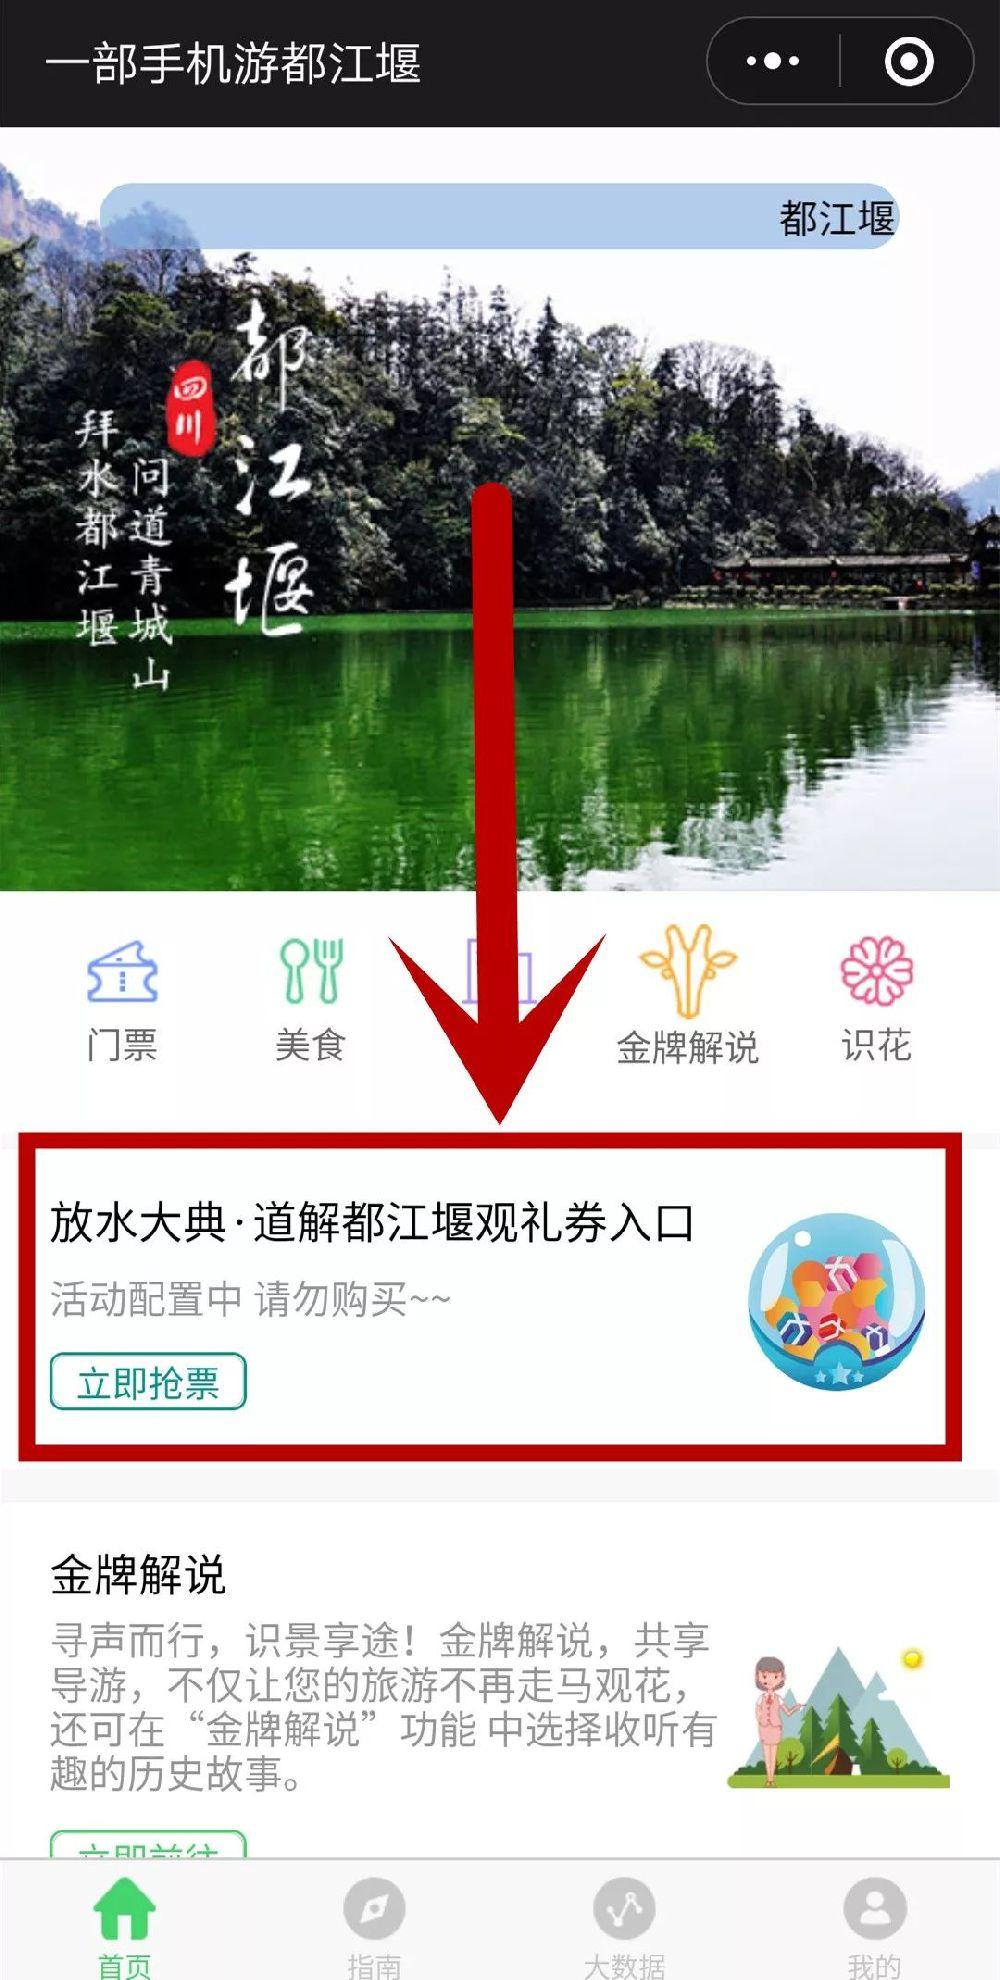 2019都江堰放水节观礼券免费预约开抢时间10:00